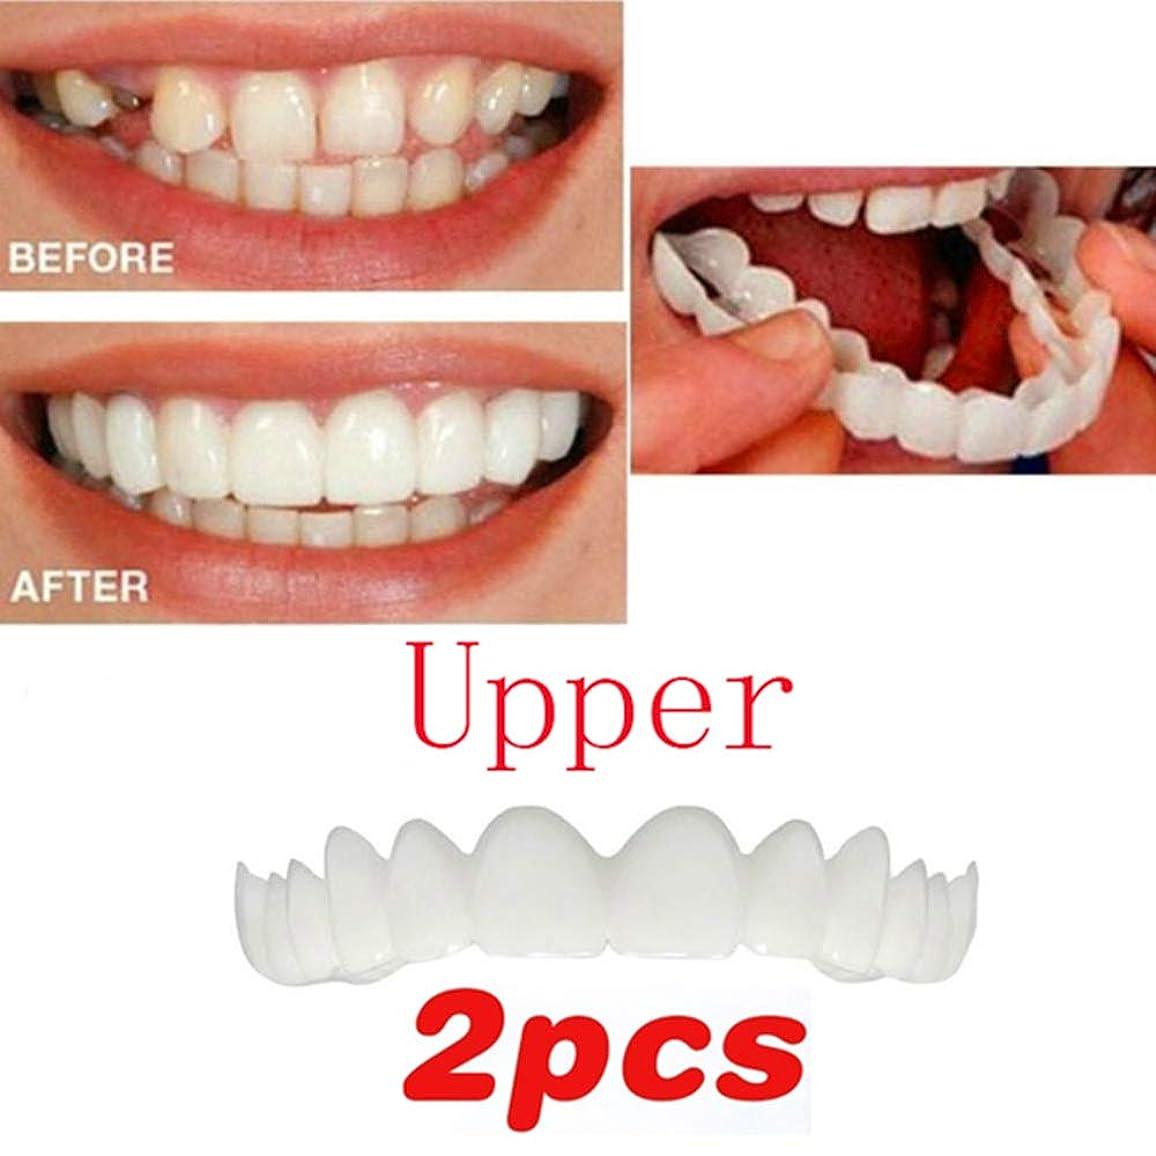 必要読者呼吸2ピース化粧品歯一時的な笑顔ホワイトニング歯インスタント快適な義歯上列再利用可能な大人のスナップ完璧な笑顔ベニヤカバー悪い黄色黒歯